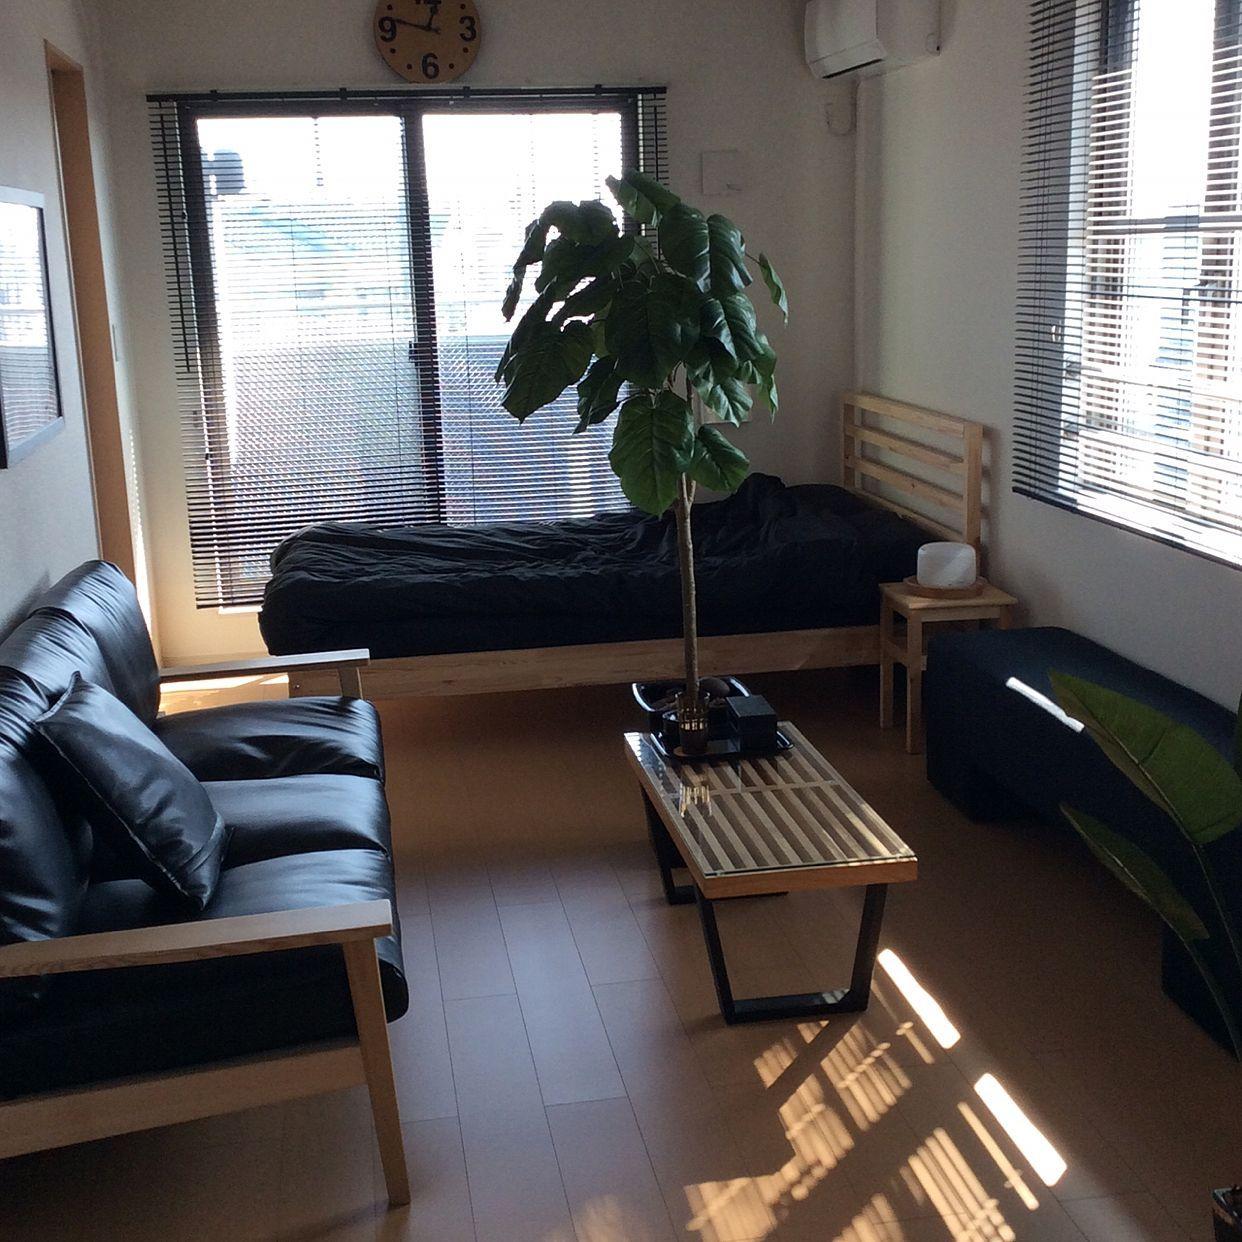 部屋全体 Ikea 一人暮らし 観葉植物 男前 などのインテリア実例 2014 11 13 14 31 50 Roomclip ルームクリップ 部屋 シンプル インテリア 家具 部屋 レイアウト